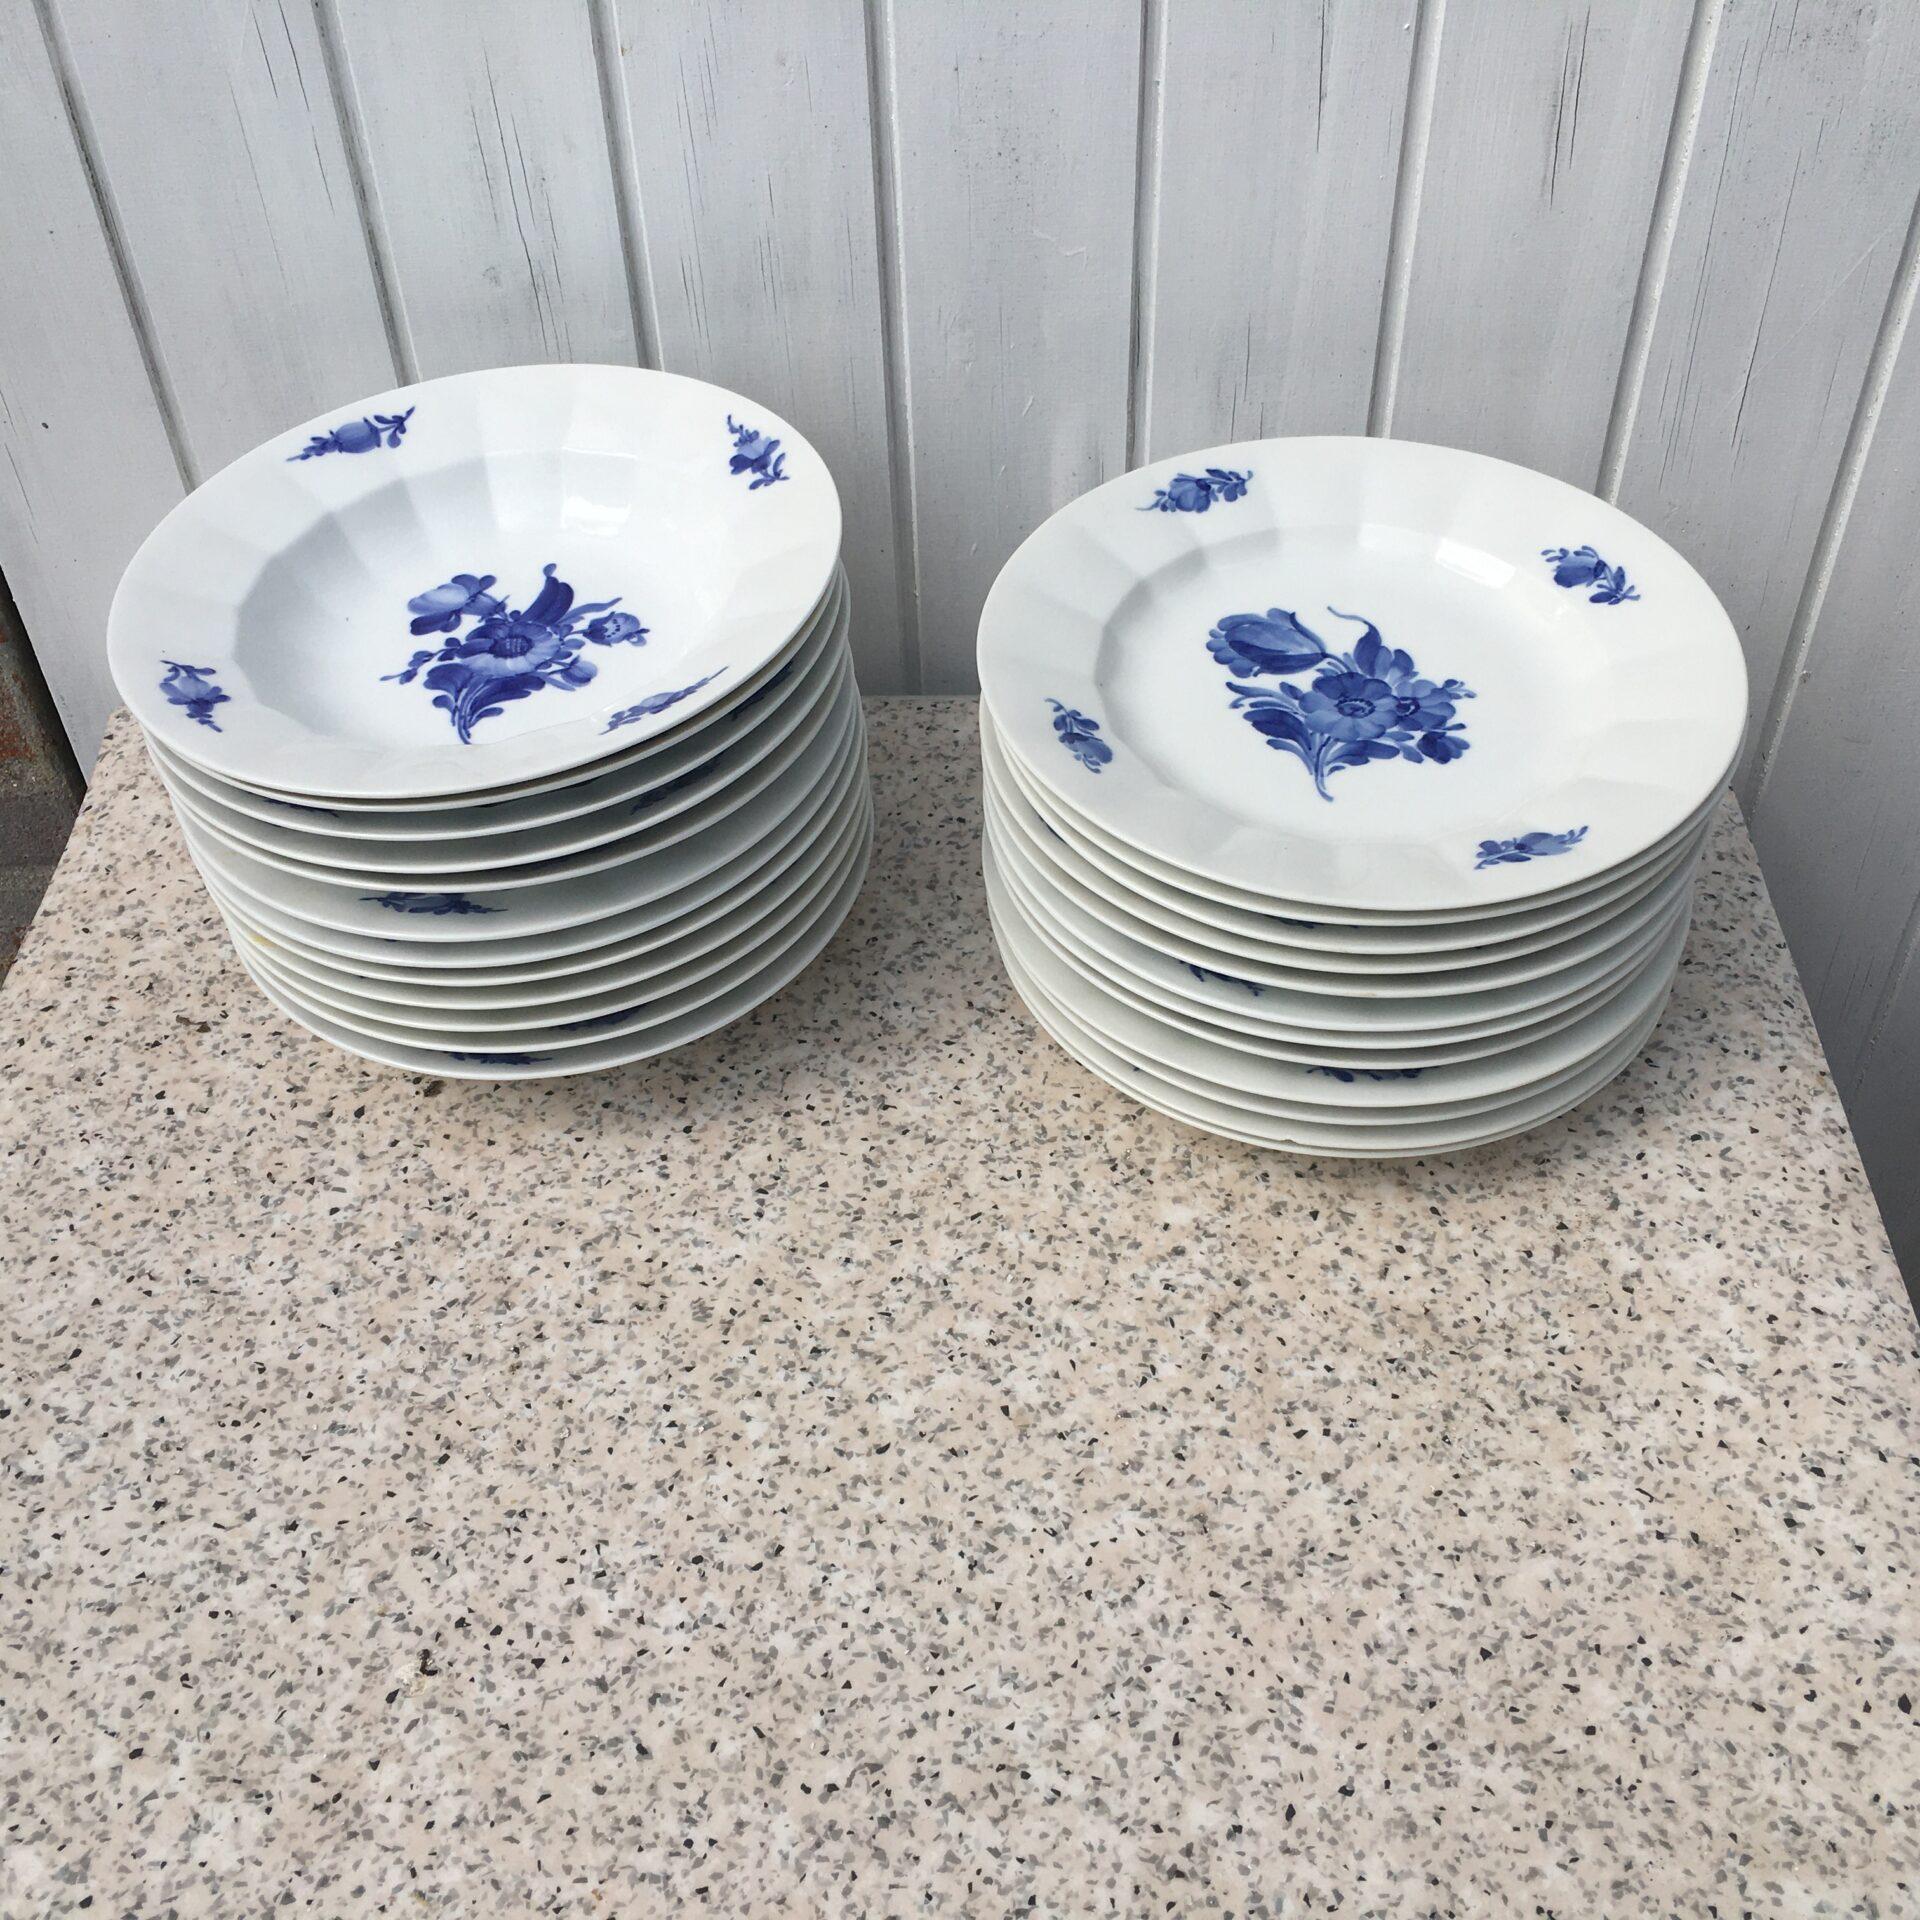 Blå Blomst, Kantet, middsgastallerkner nr. 8549, d=25 cm, pr stk 250kr.